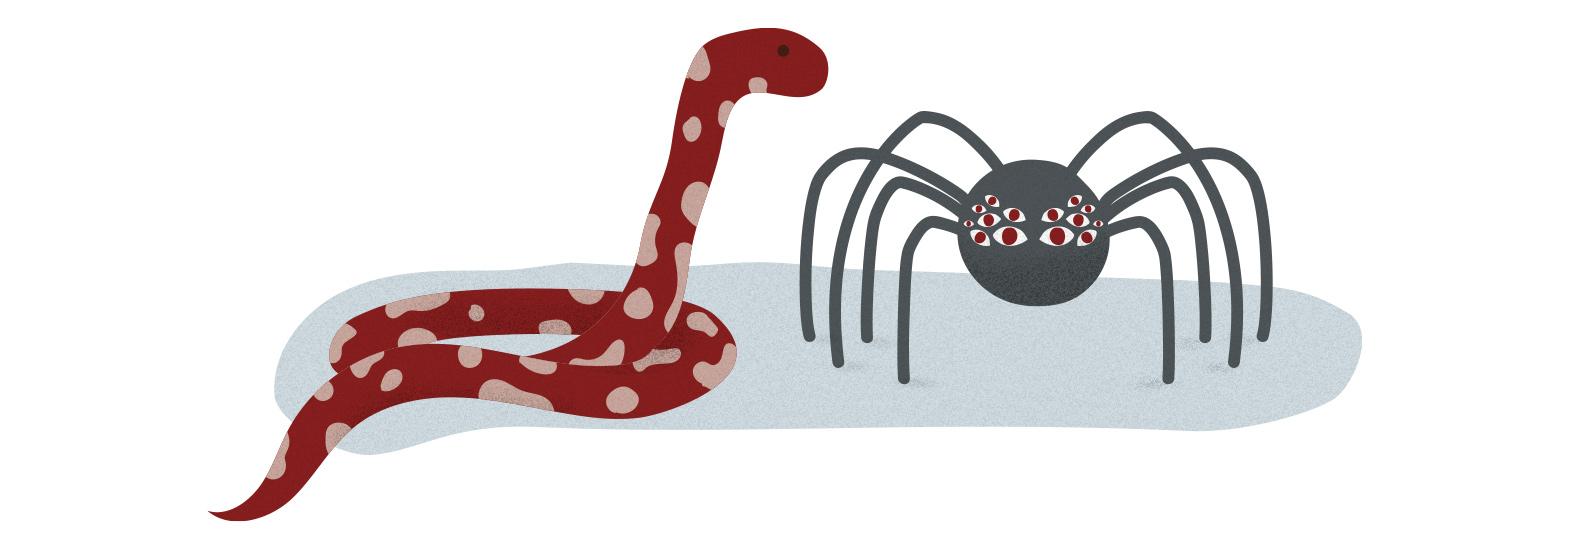 strach z pavouků